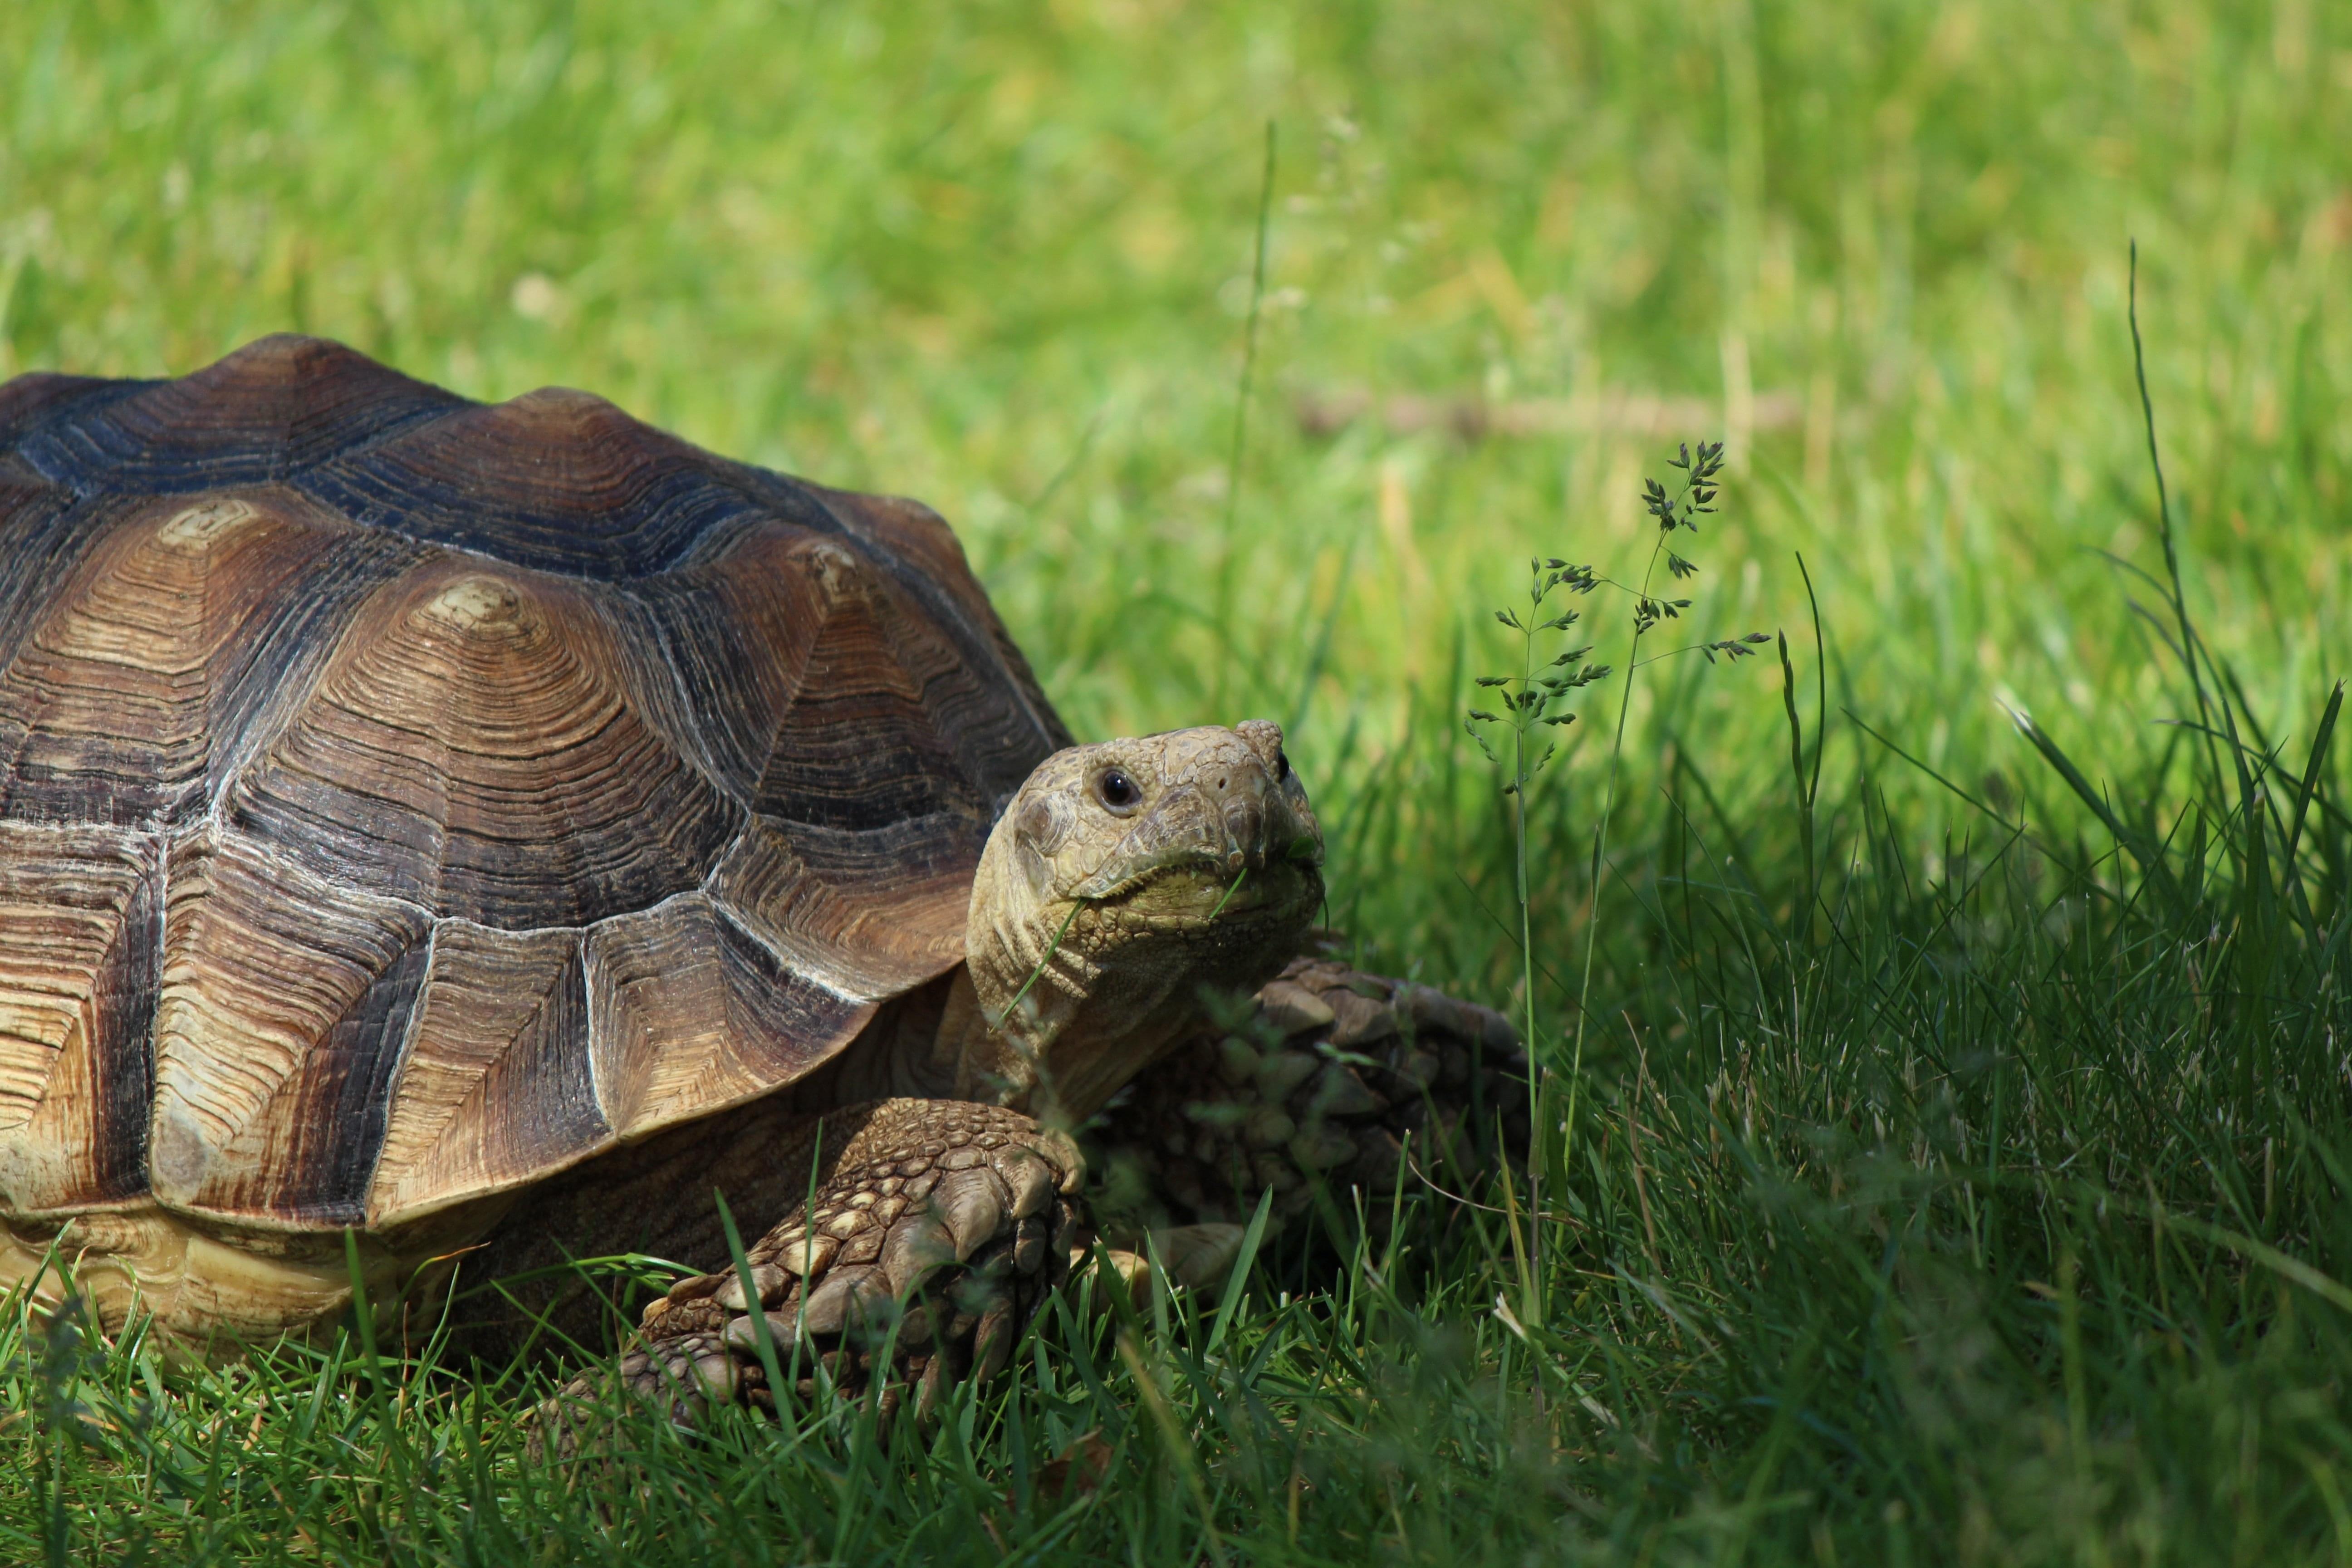 tortoise-slow-start-recruitment